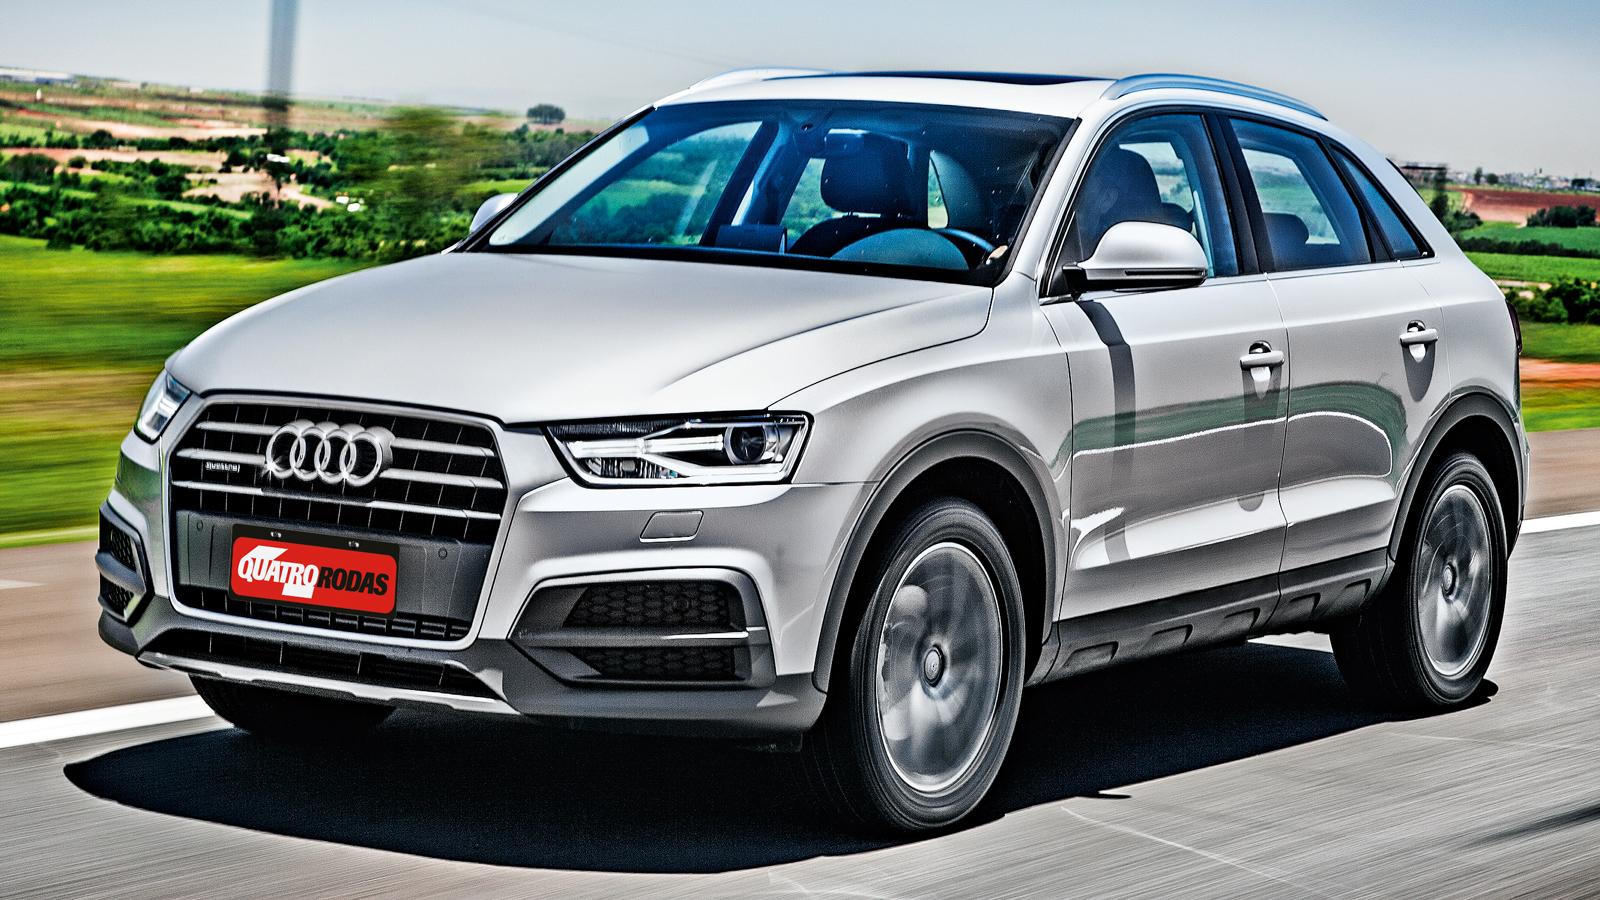 Teste Audi Q3 Ambition 2 0 Tfsi E Tao Rapido Quanto Um Golf Gti Quatro Rodas